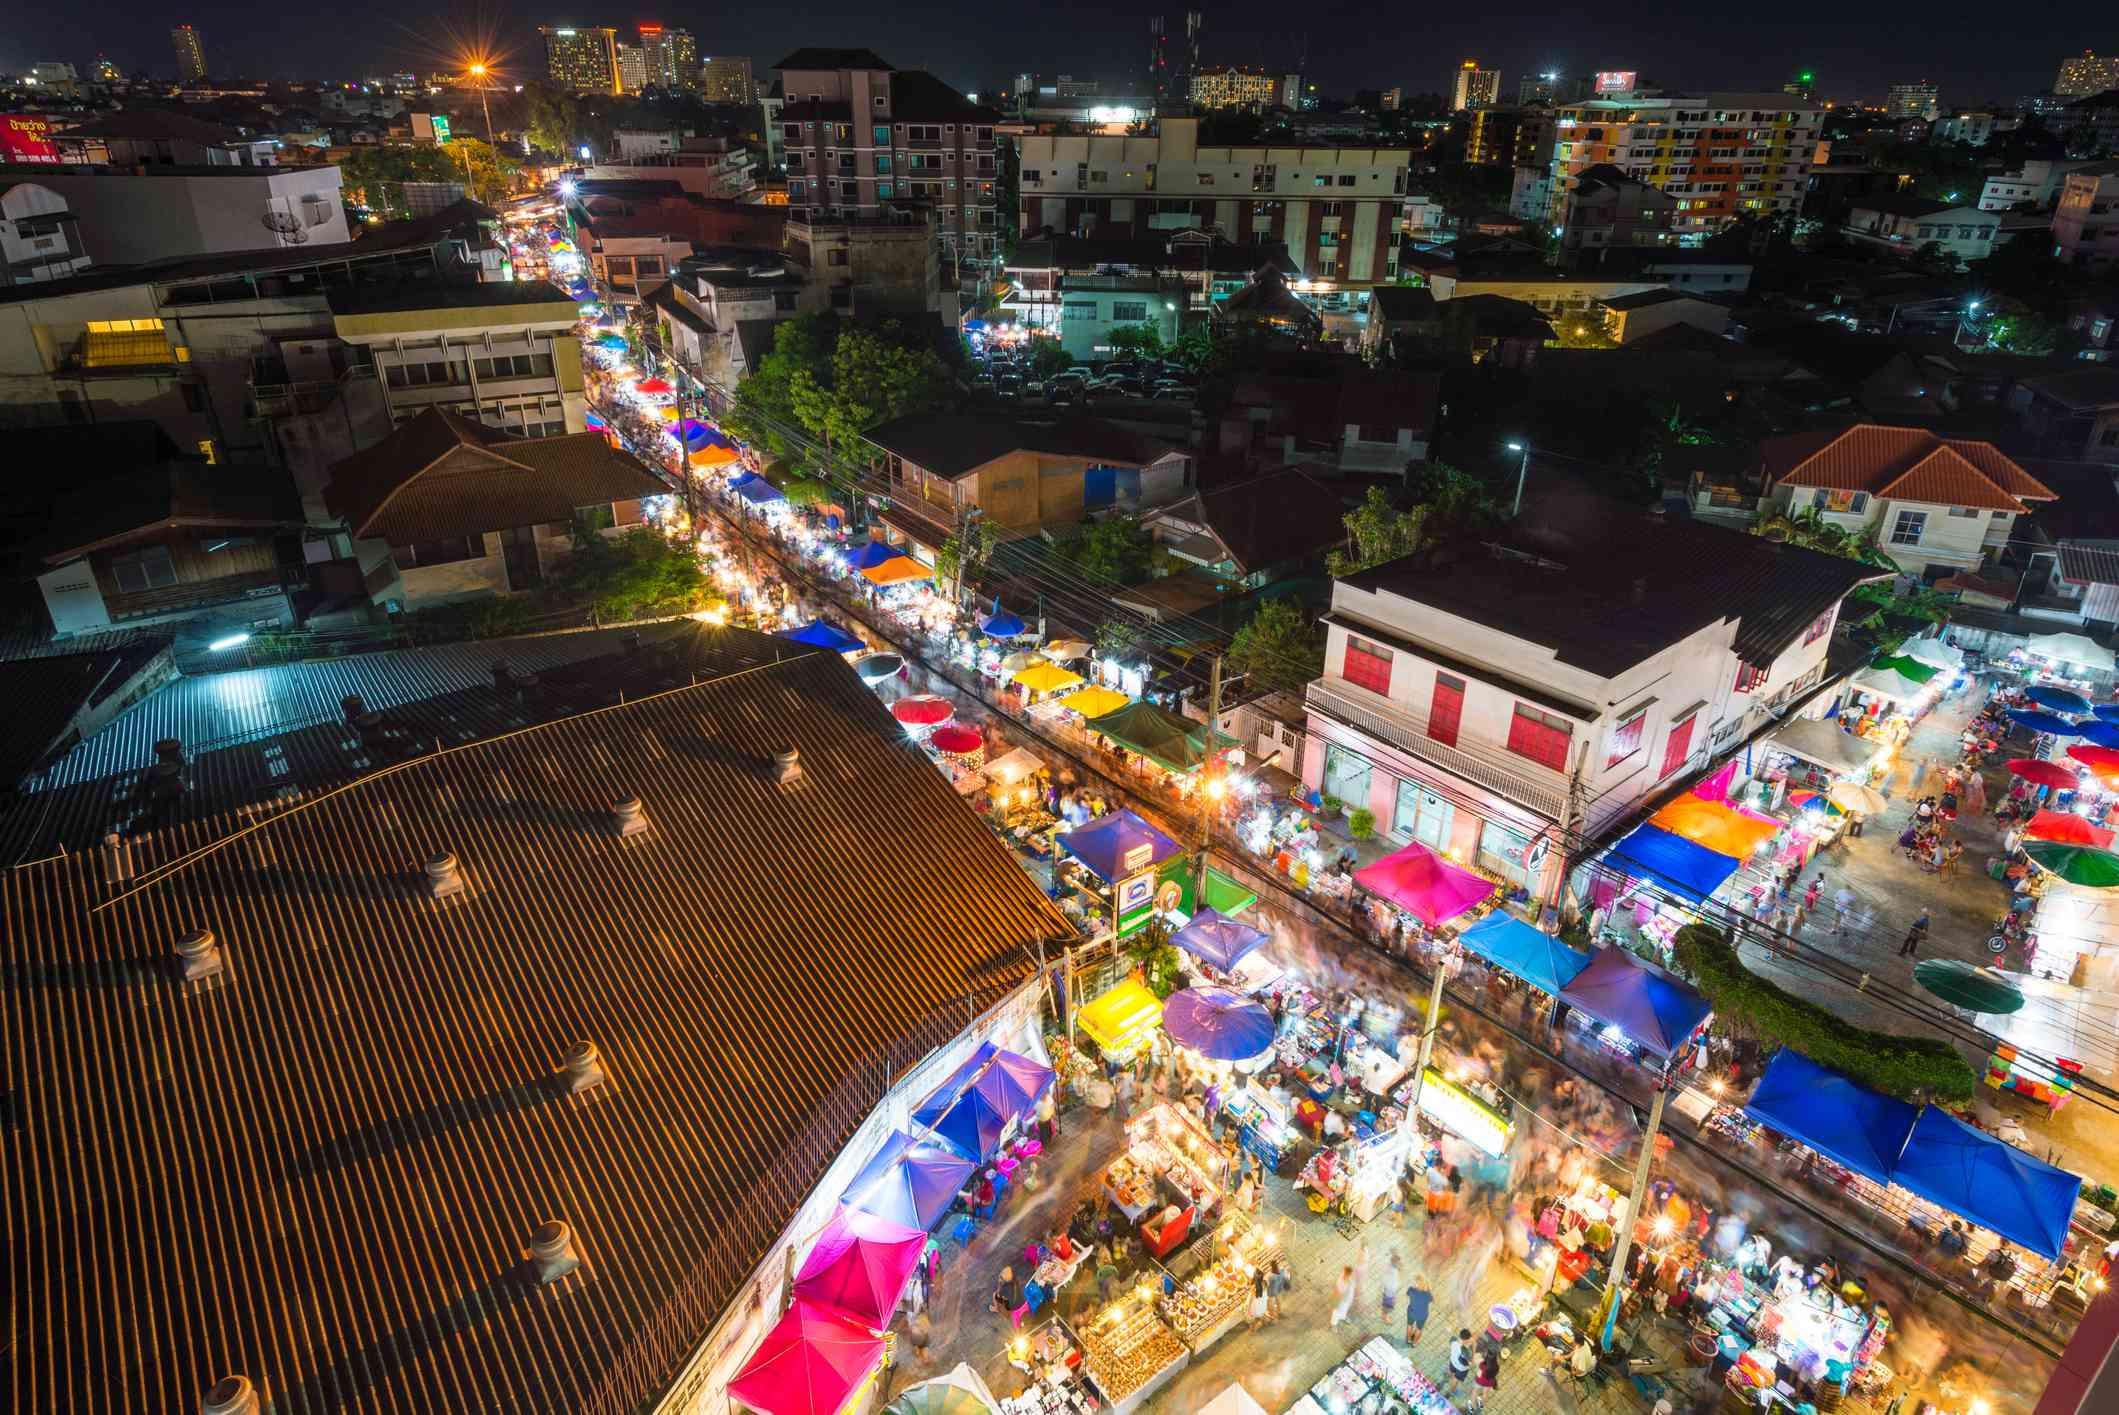 Saturday Night market at Wua Lai Road, Chiang Mai, Thailand